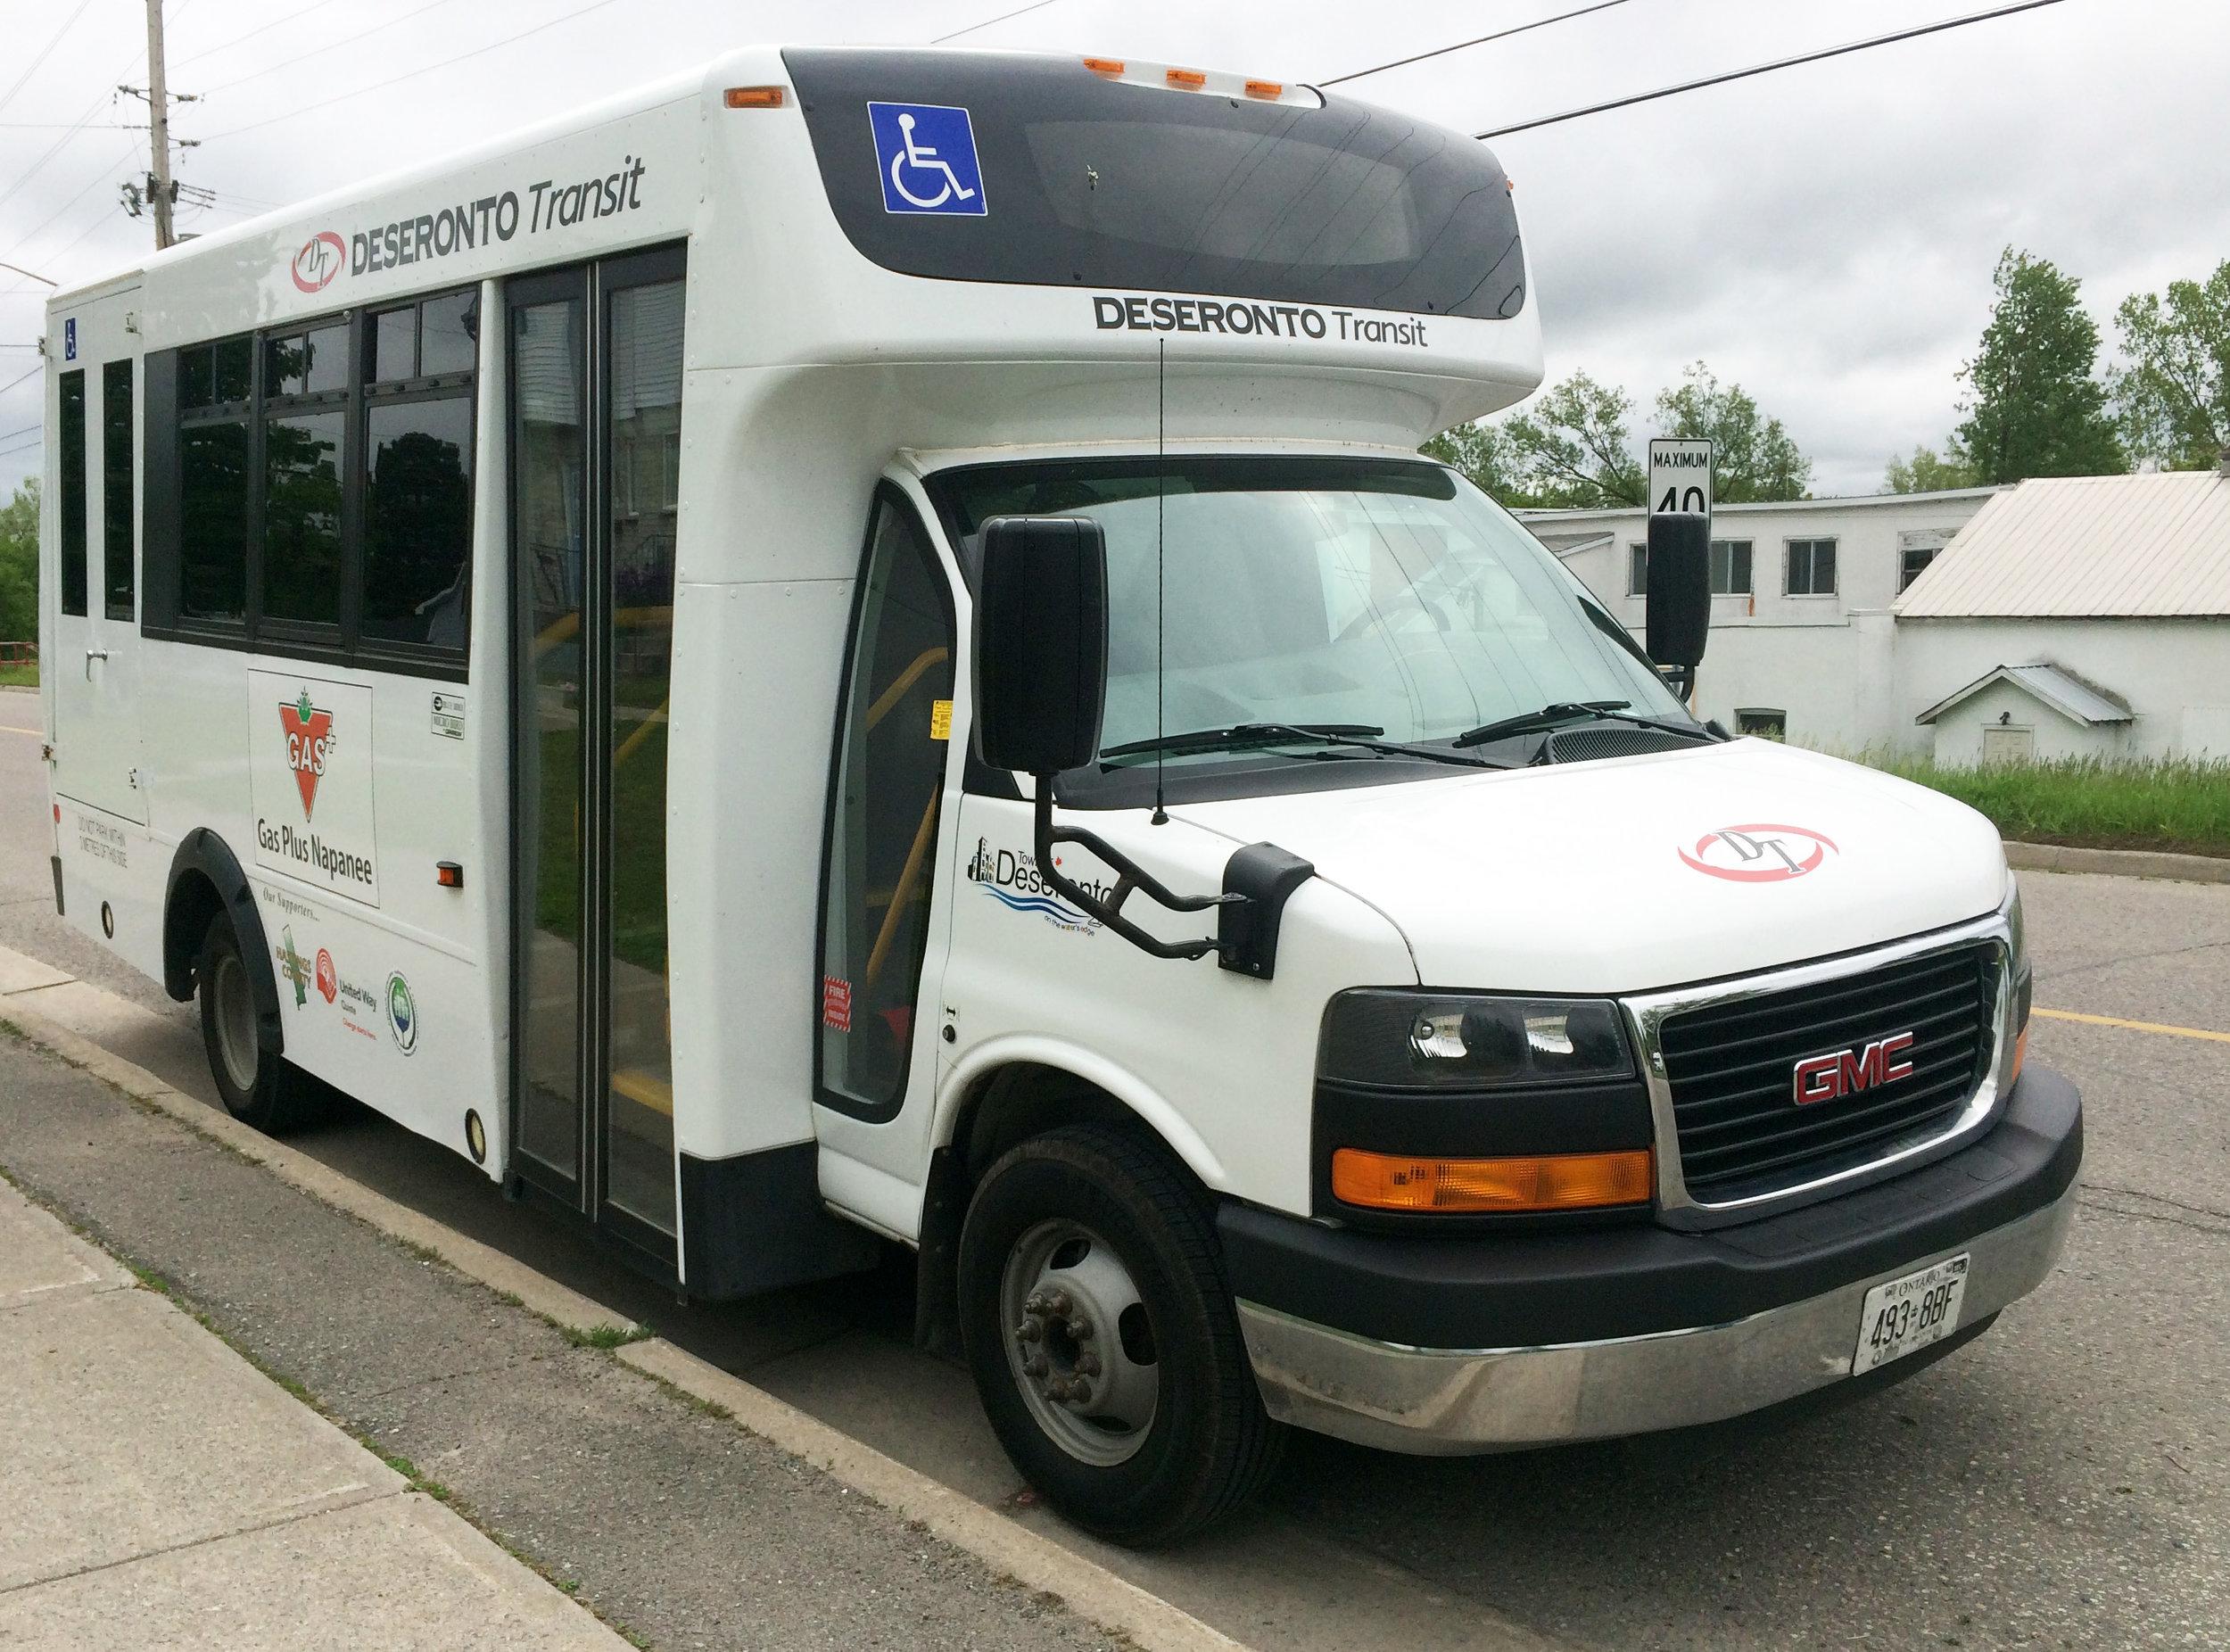 Deseronto-transit-bus